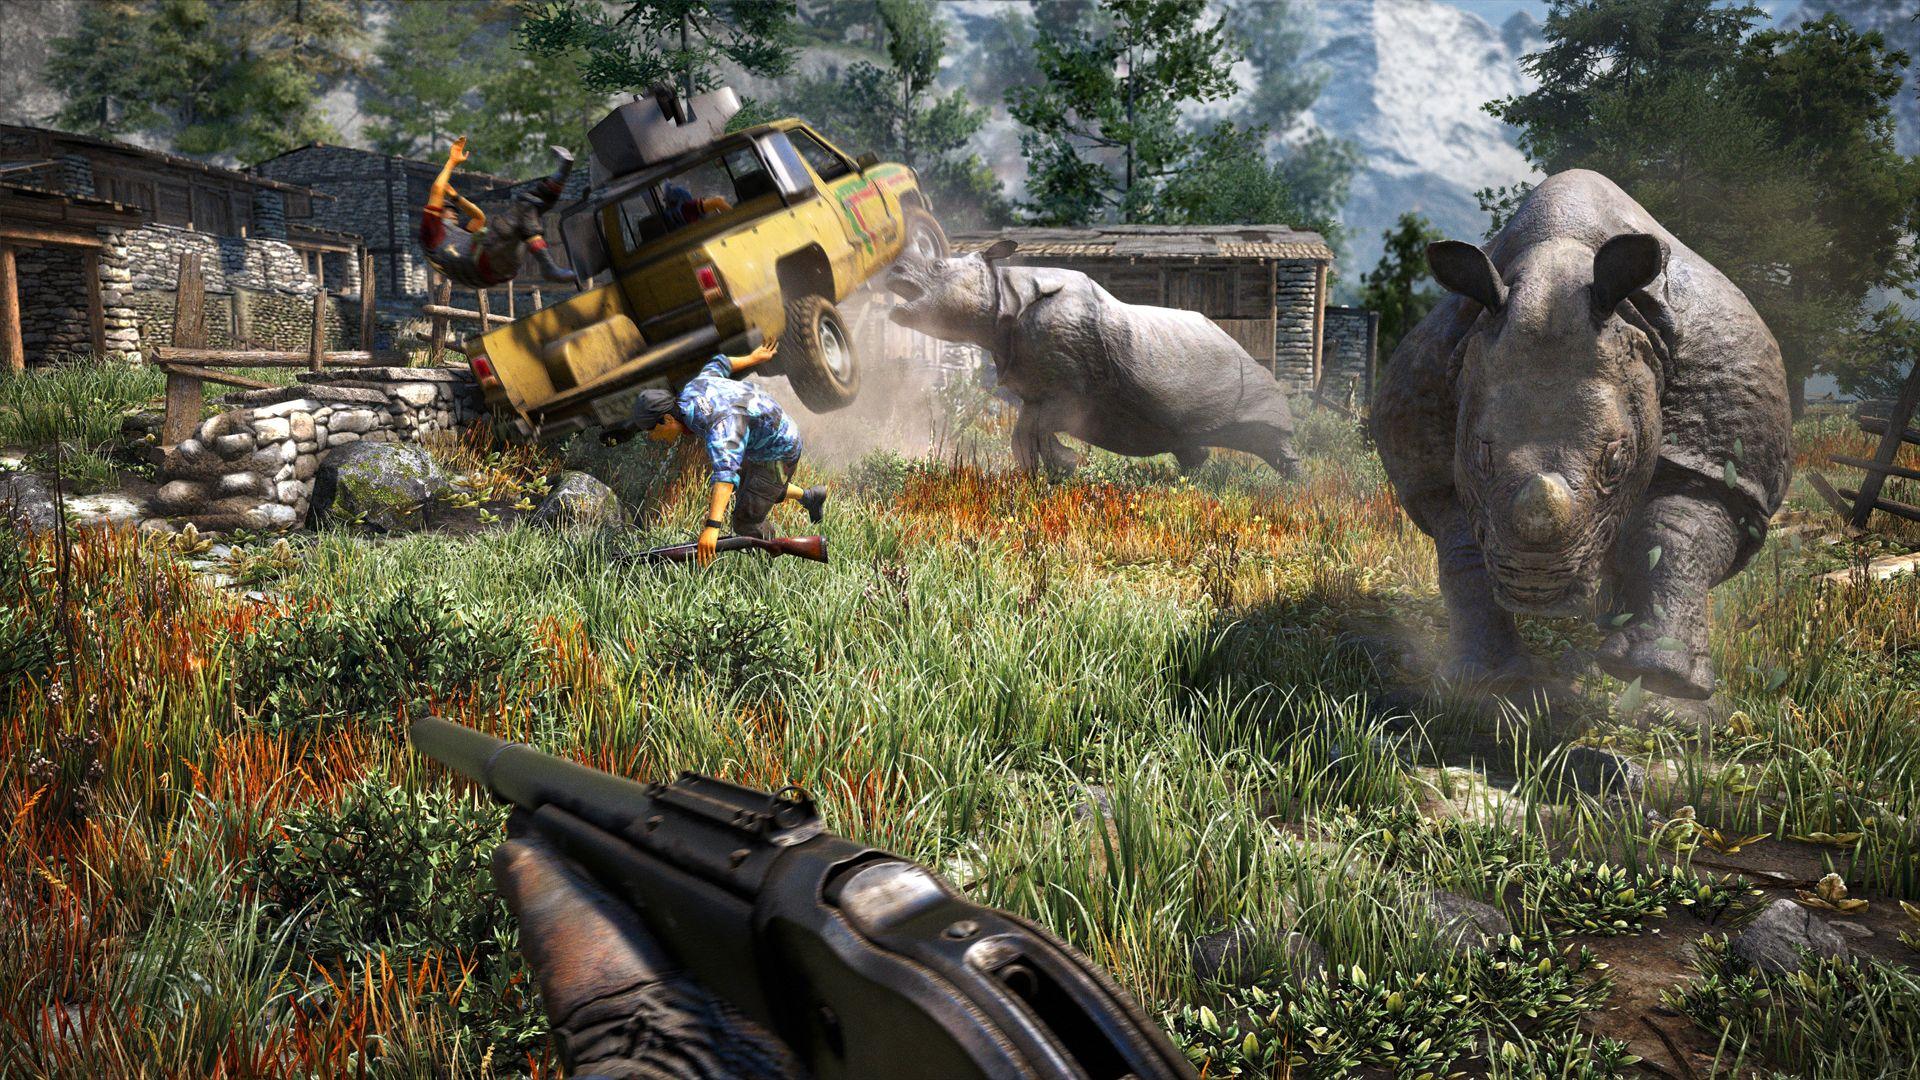 Far Cry 4 Correrá A 1080p Y 30 Fps En Ps4 Y Xbox One